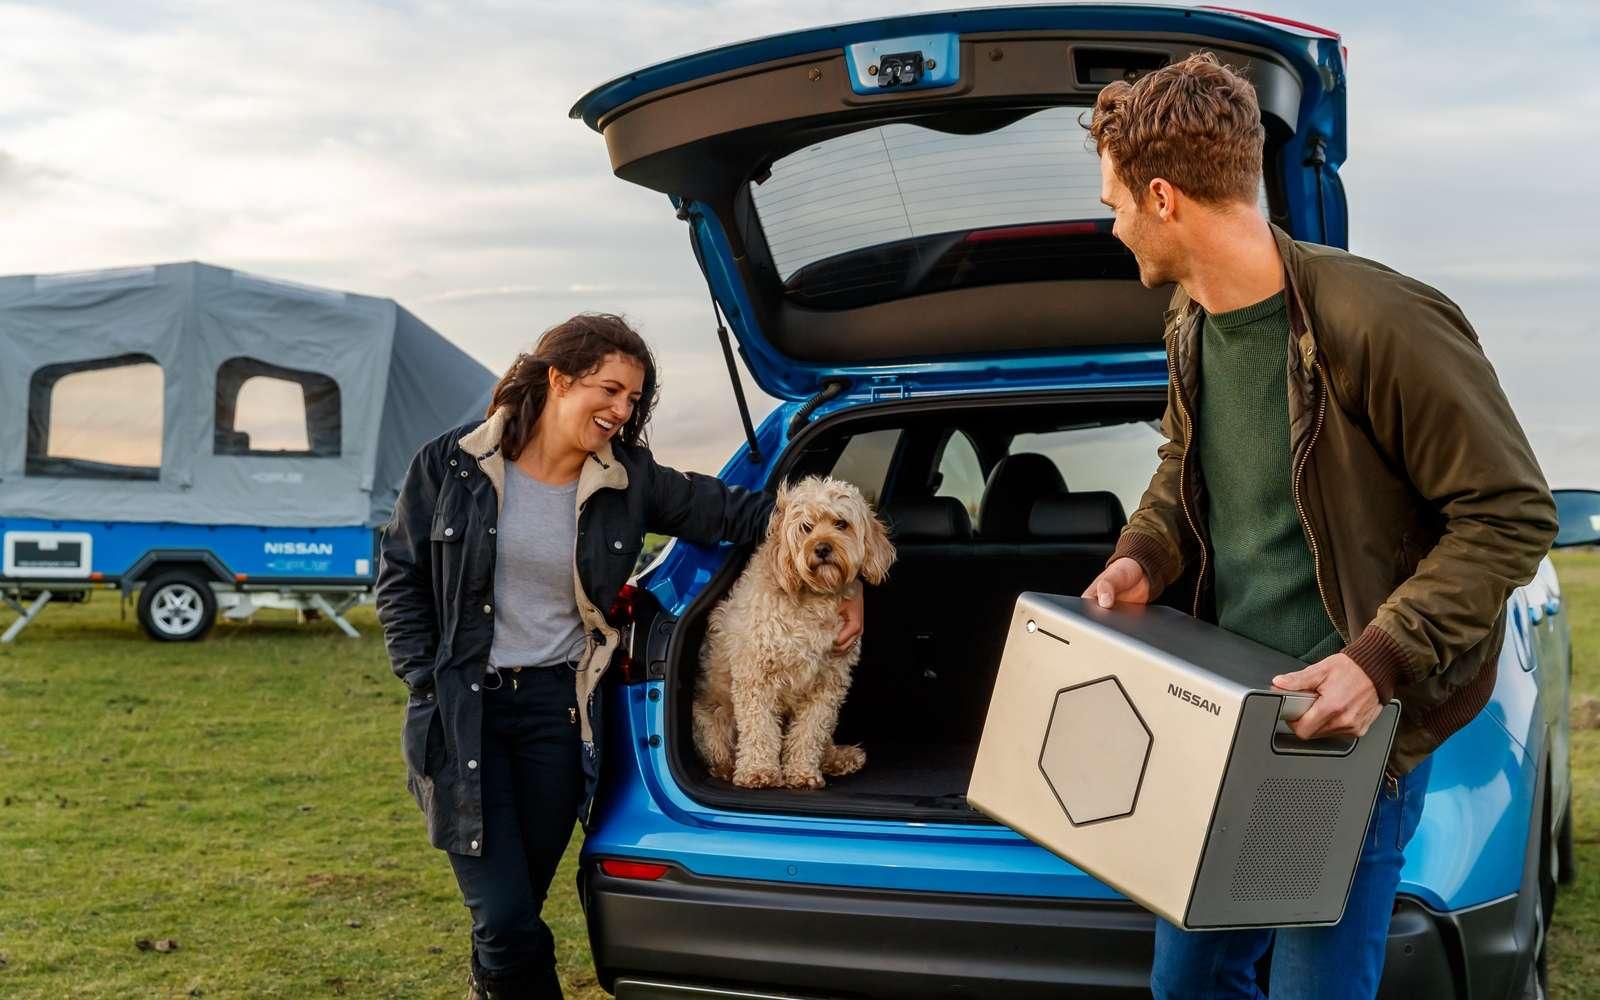 Le pack Energy Roam est composé de batteries de Nissan Leaf recyclées. © Nissan